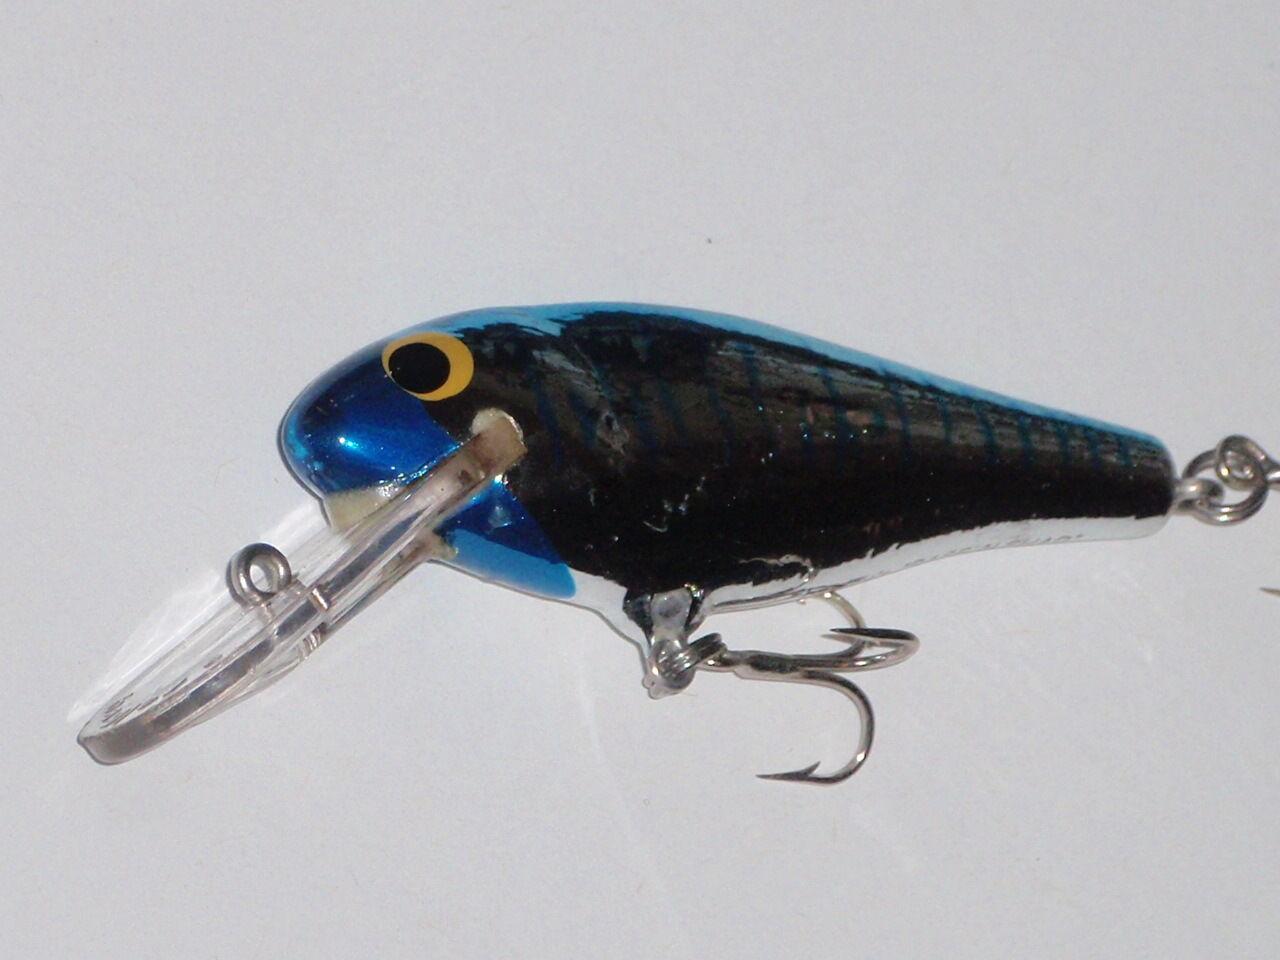 Bagley's Barsch n Shad Sehr Selten Farbe H7c Blau Kopf Kopf Kopf Chrom Wobbler Fischköder fdf8a9